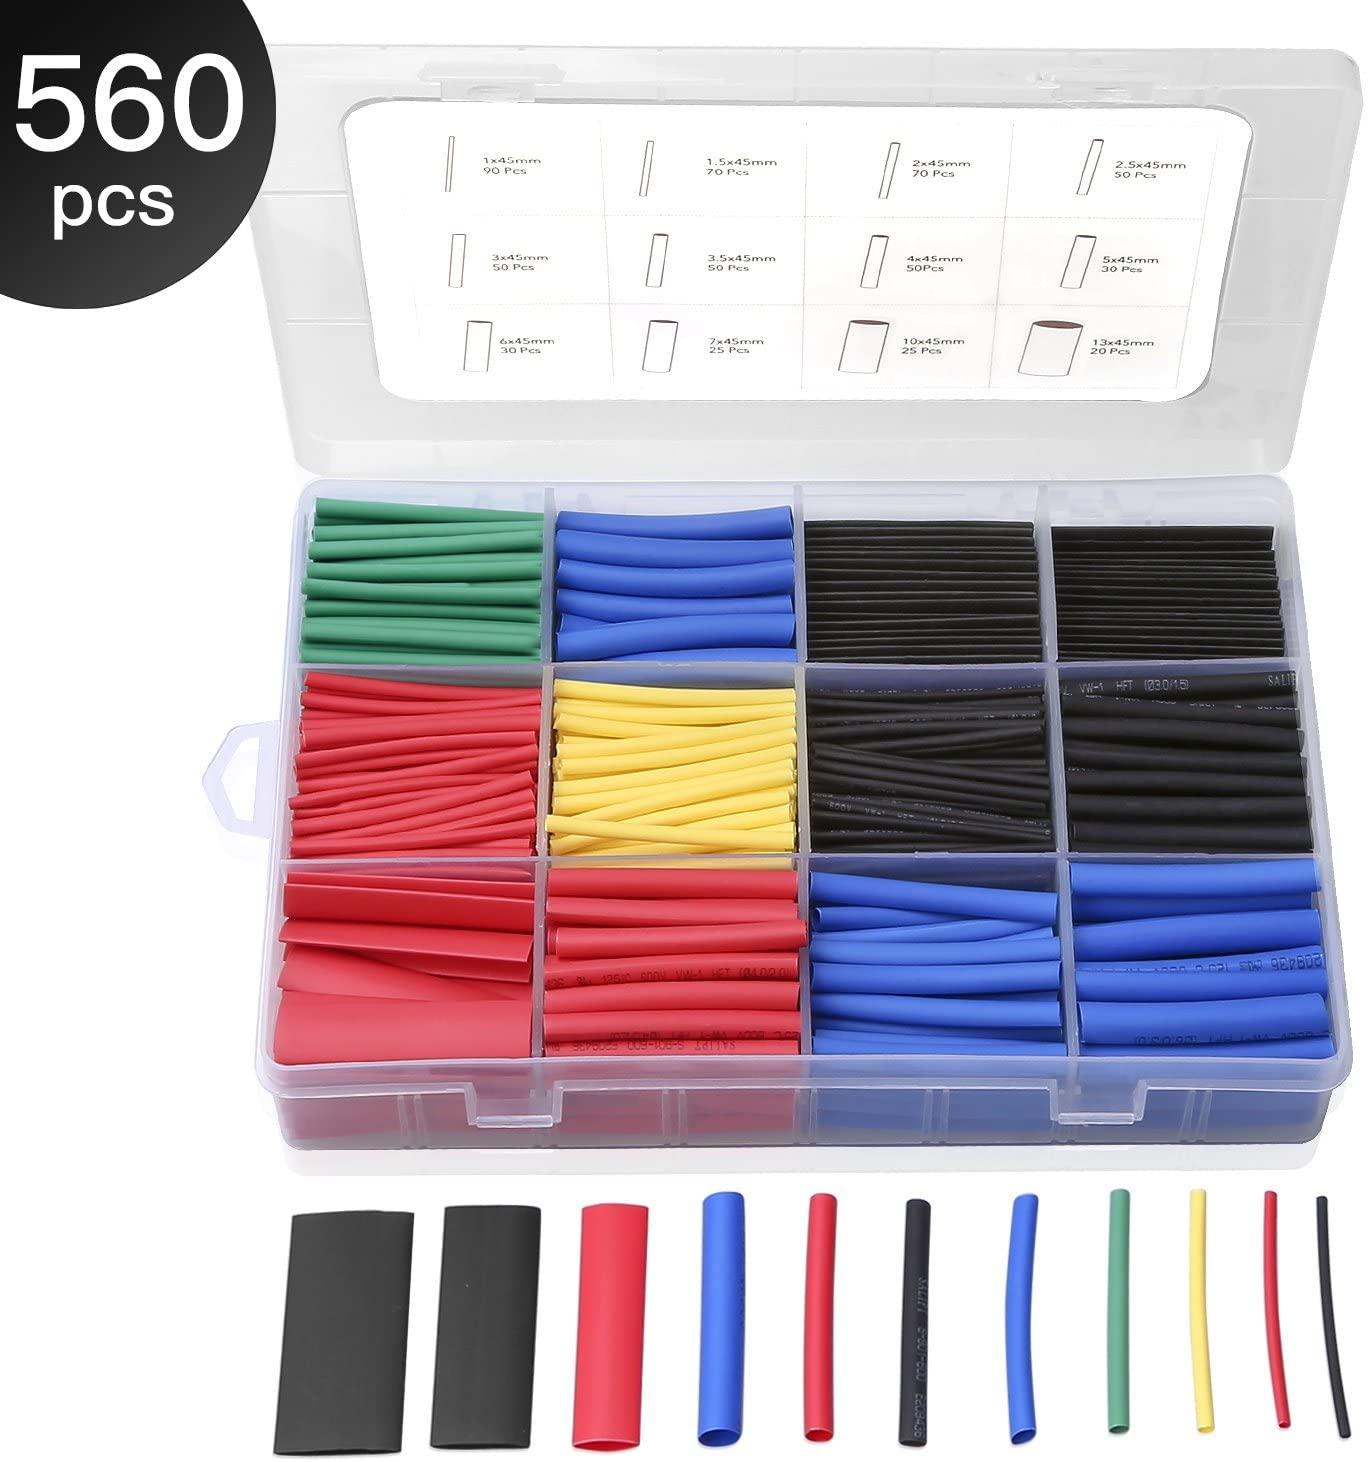 Eventronic 560 pezzi Guaina Termorestringente Tubi, Tubo Termorestringente per Cavi, Electrical Wire, Tubo Termoretraibile, Kit Tubo Termorestringente per Isolamento 5 Colori 12 Taglia